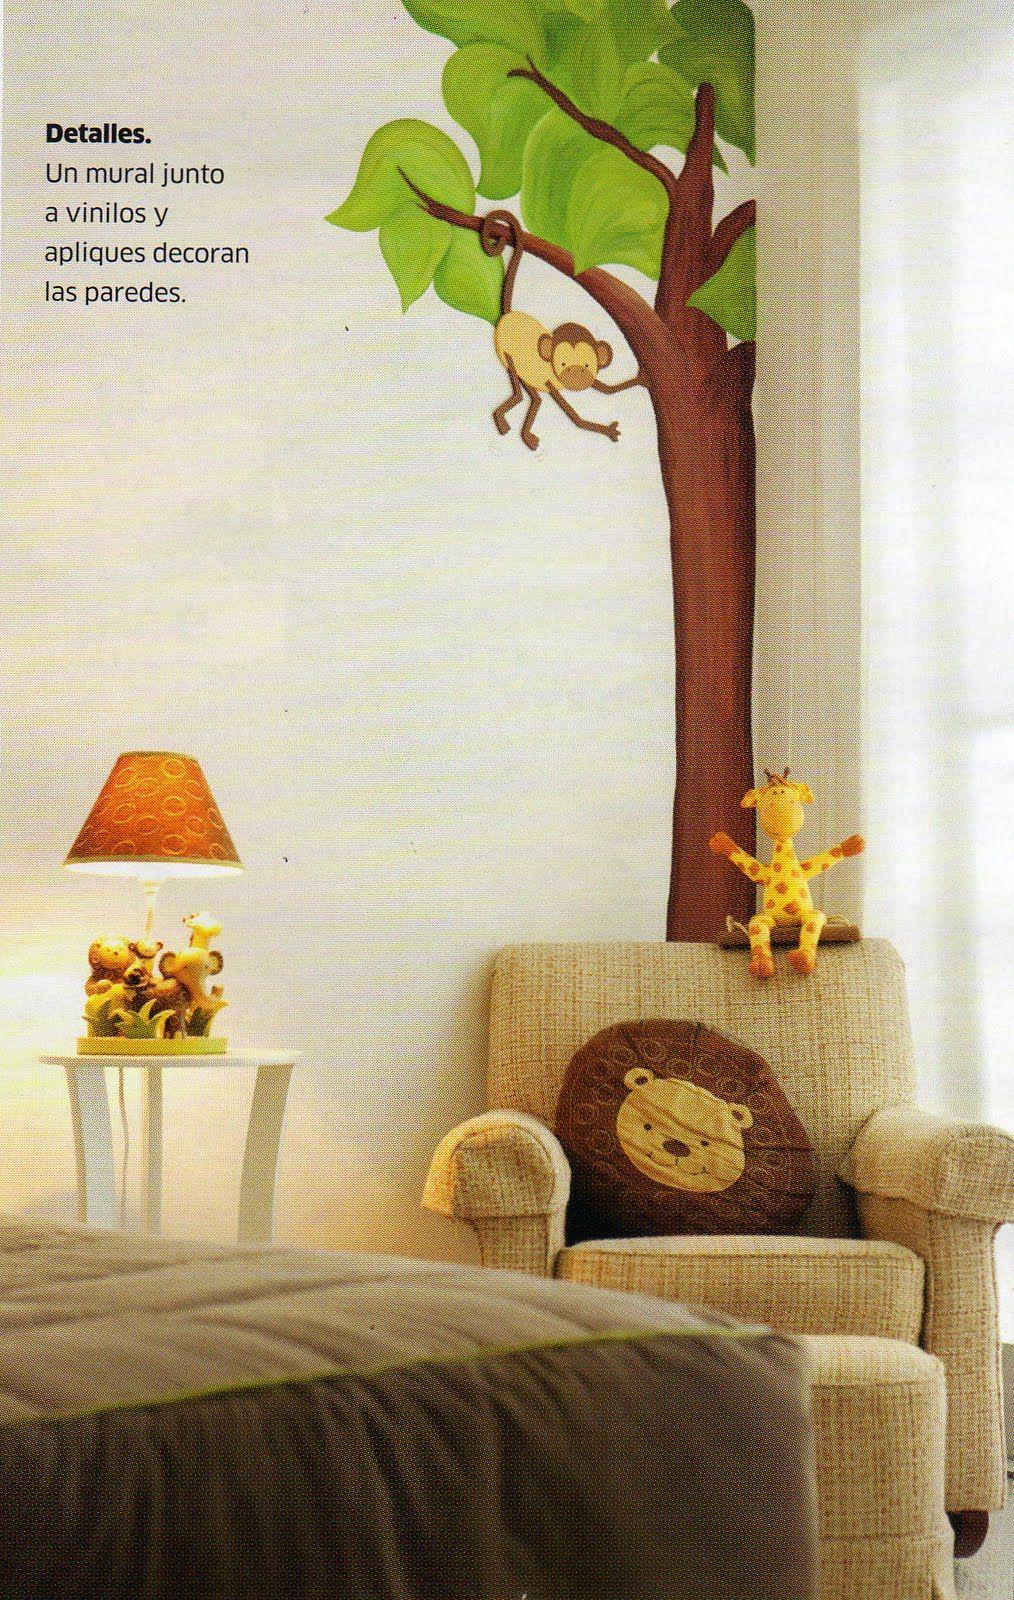 Dormitorios de bebes y ni os peque os dormitorios fotos - Habitacion bebe nino ...